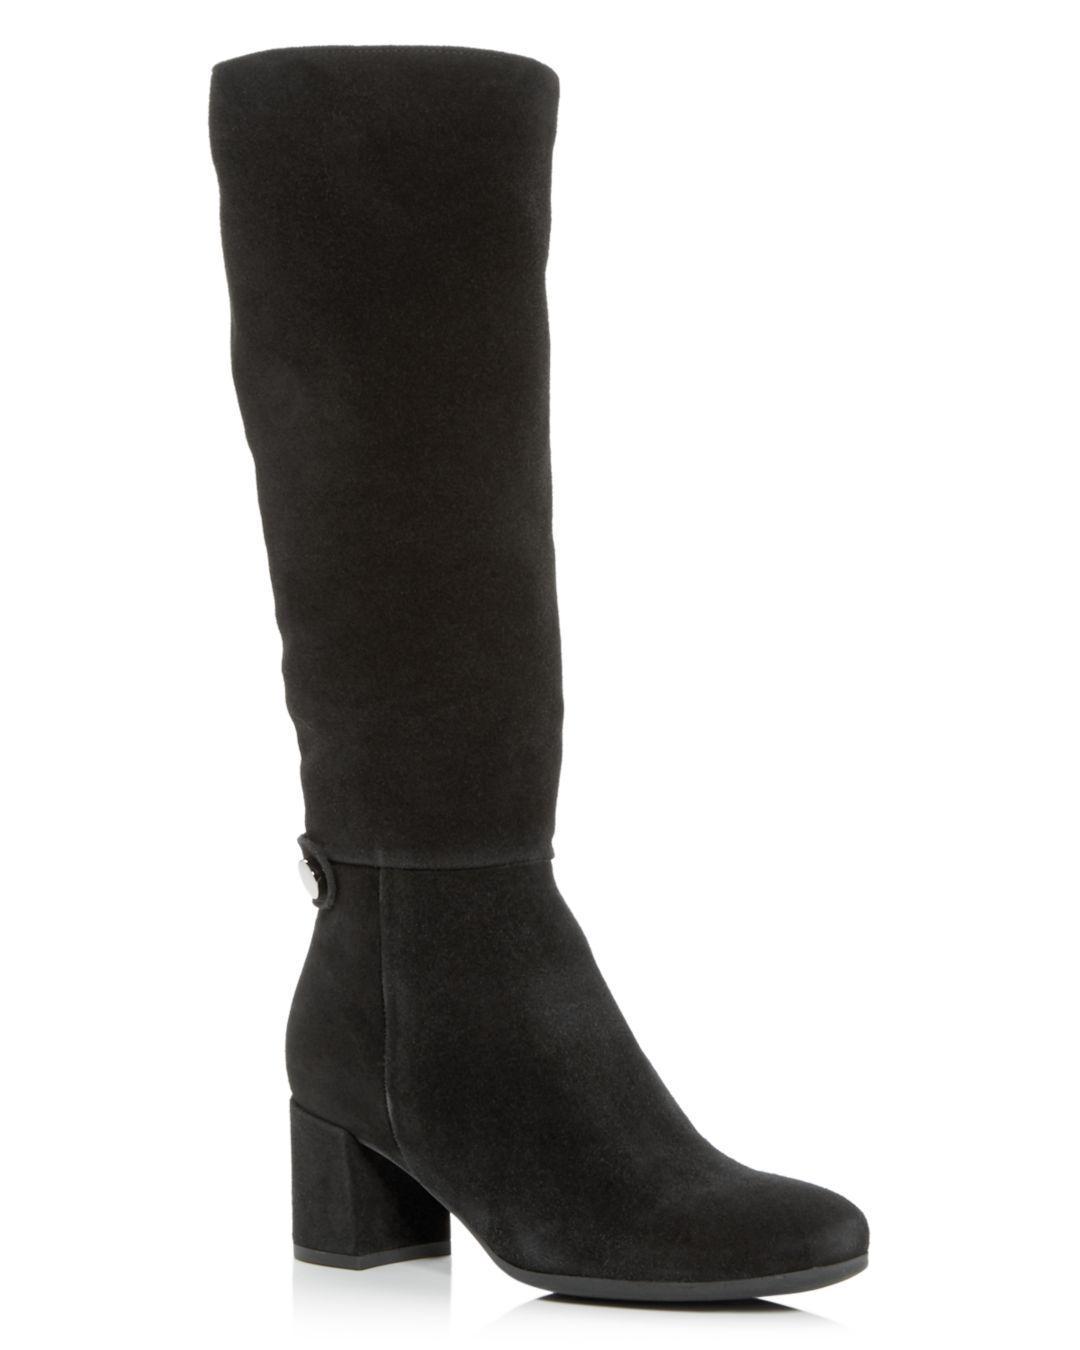 f9e58d1fa57 Lyst - La Canadienne Women s Jenna Waterproof Block-heel Boots in Black